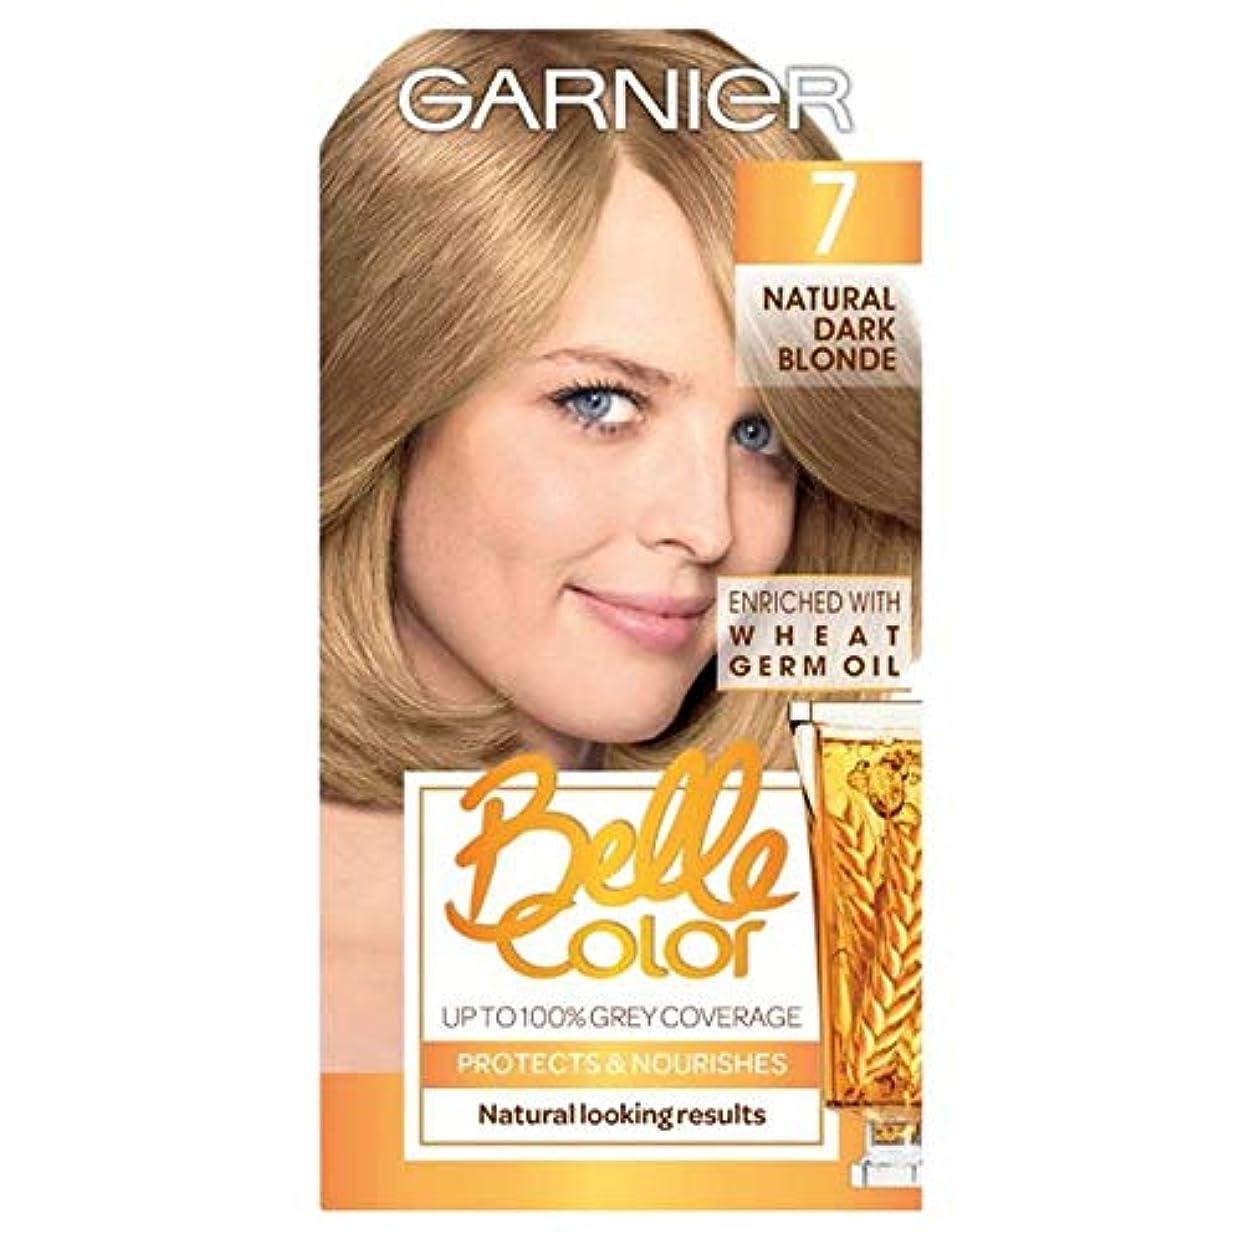 対応おもしろいマーチャンダイザー[Belle Color ] ガーン/ベル/Clr 7ナチュラルダークブロンドパーマネントヘアダイ - Garn/Bel/Clr 7 Natural Dark Blonde Permanent Hair Dye [並行輸入品]